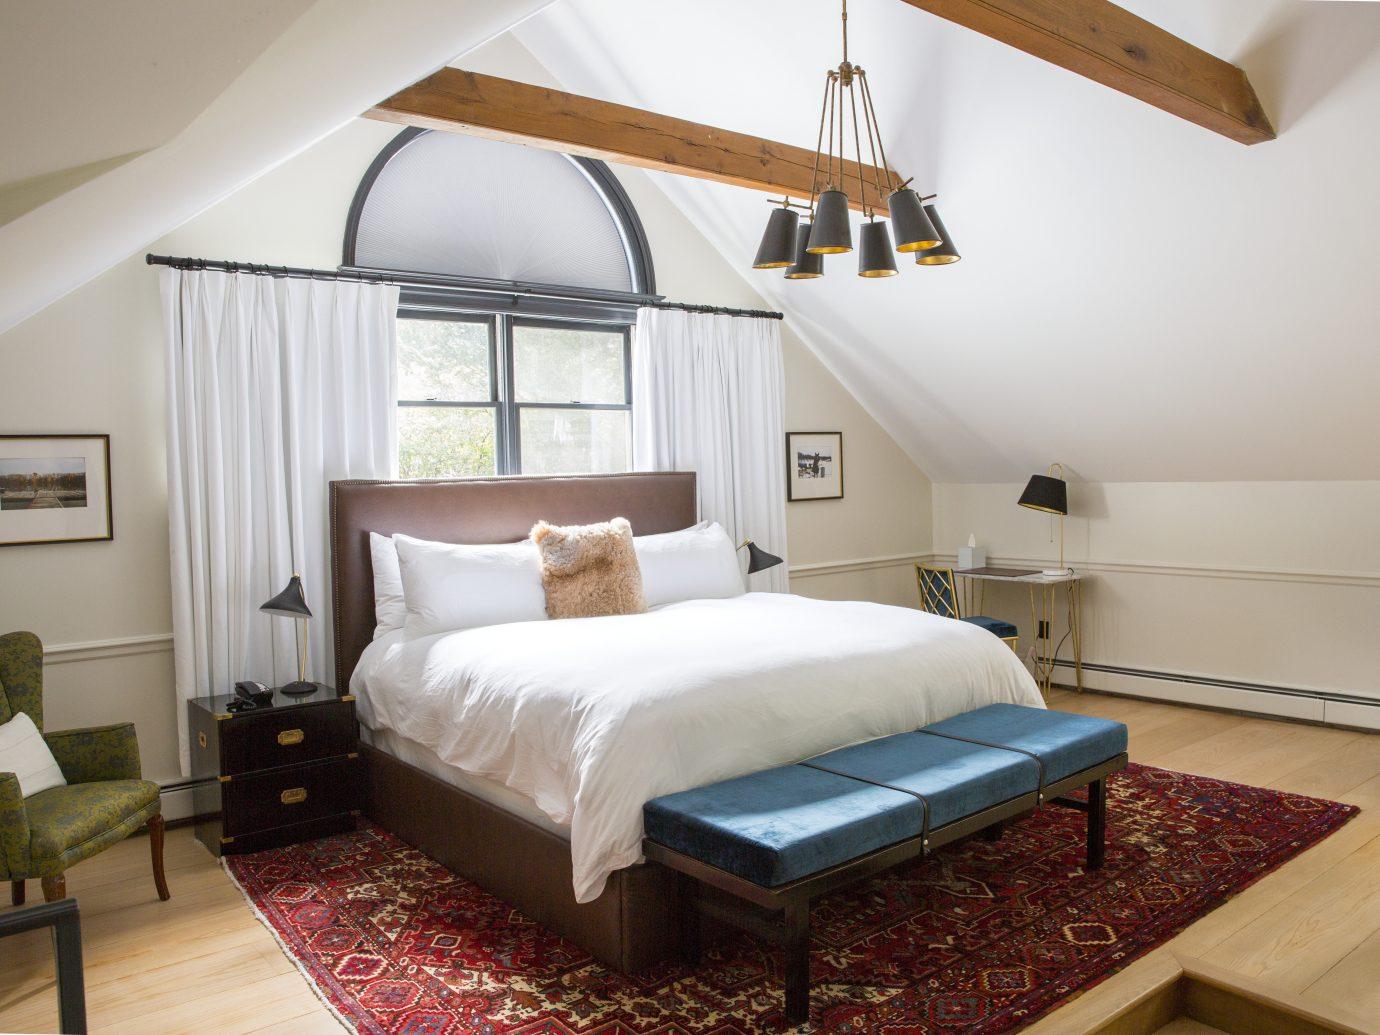 Hotels indoor wall floor bed room property Bedroom cottage interior design living room home estate furniture real estate Villa Suite bed frame farmhouse apartment